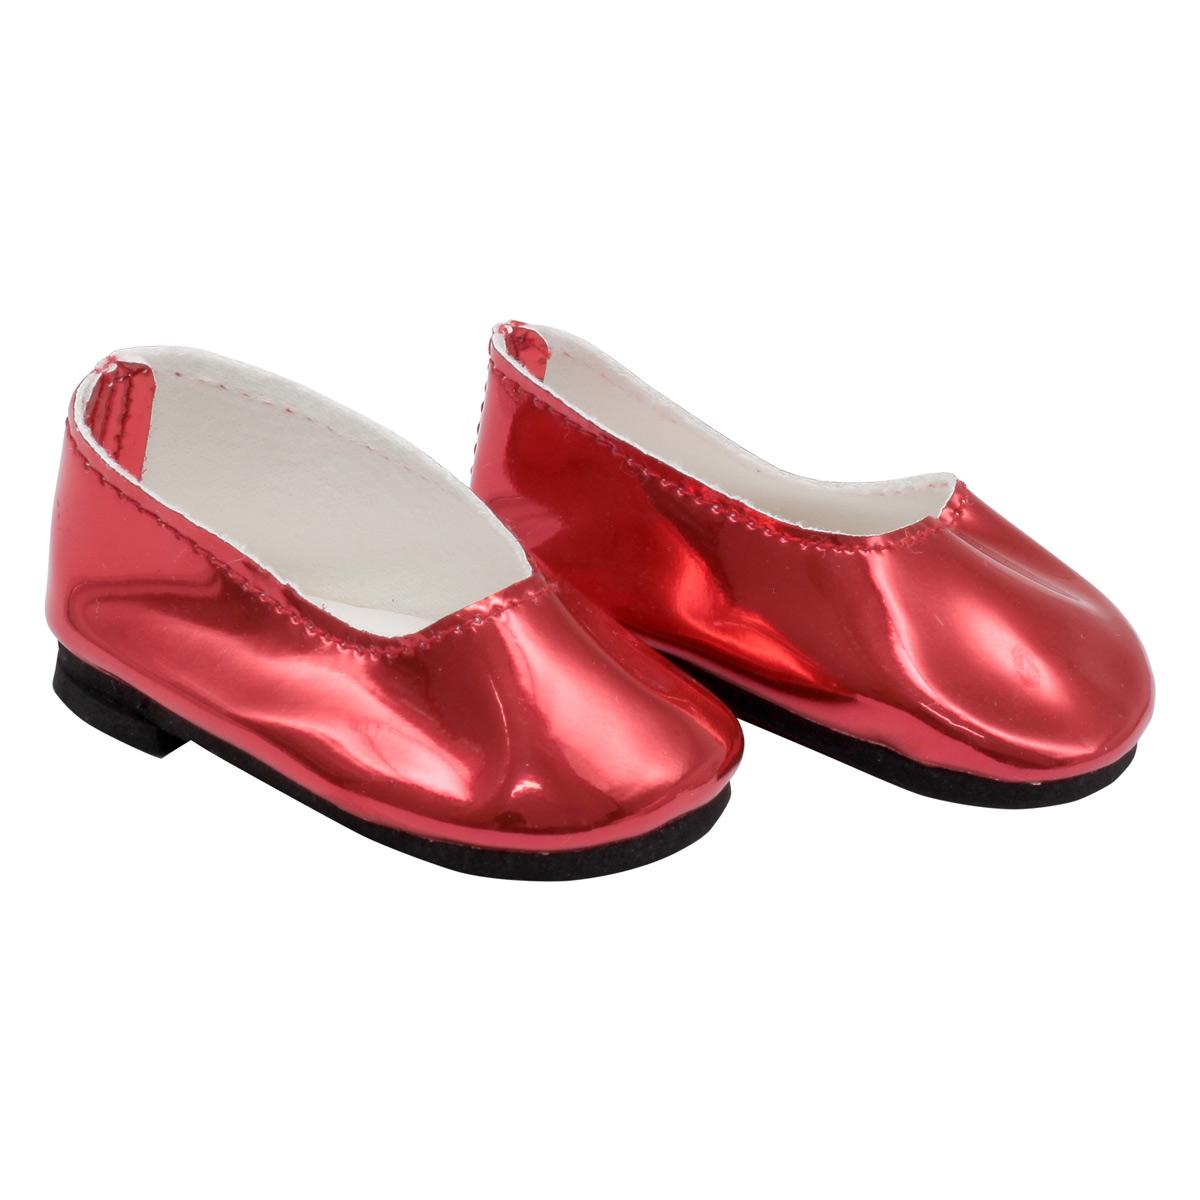 MISU-6 Туфли для куклы 'Металлик', 7см, цв. алый